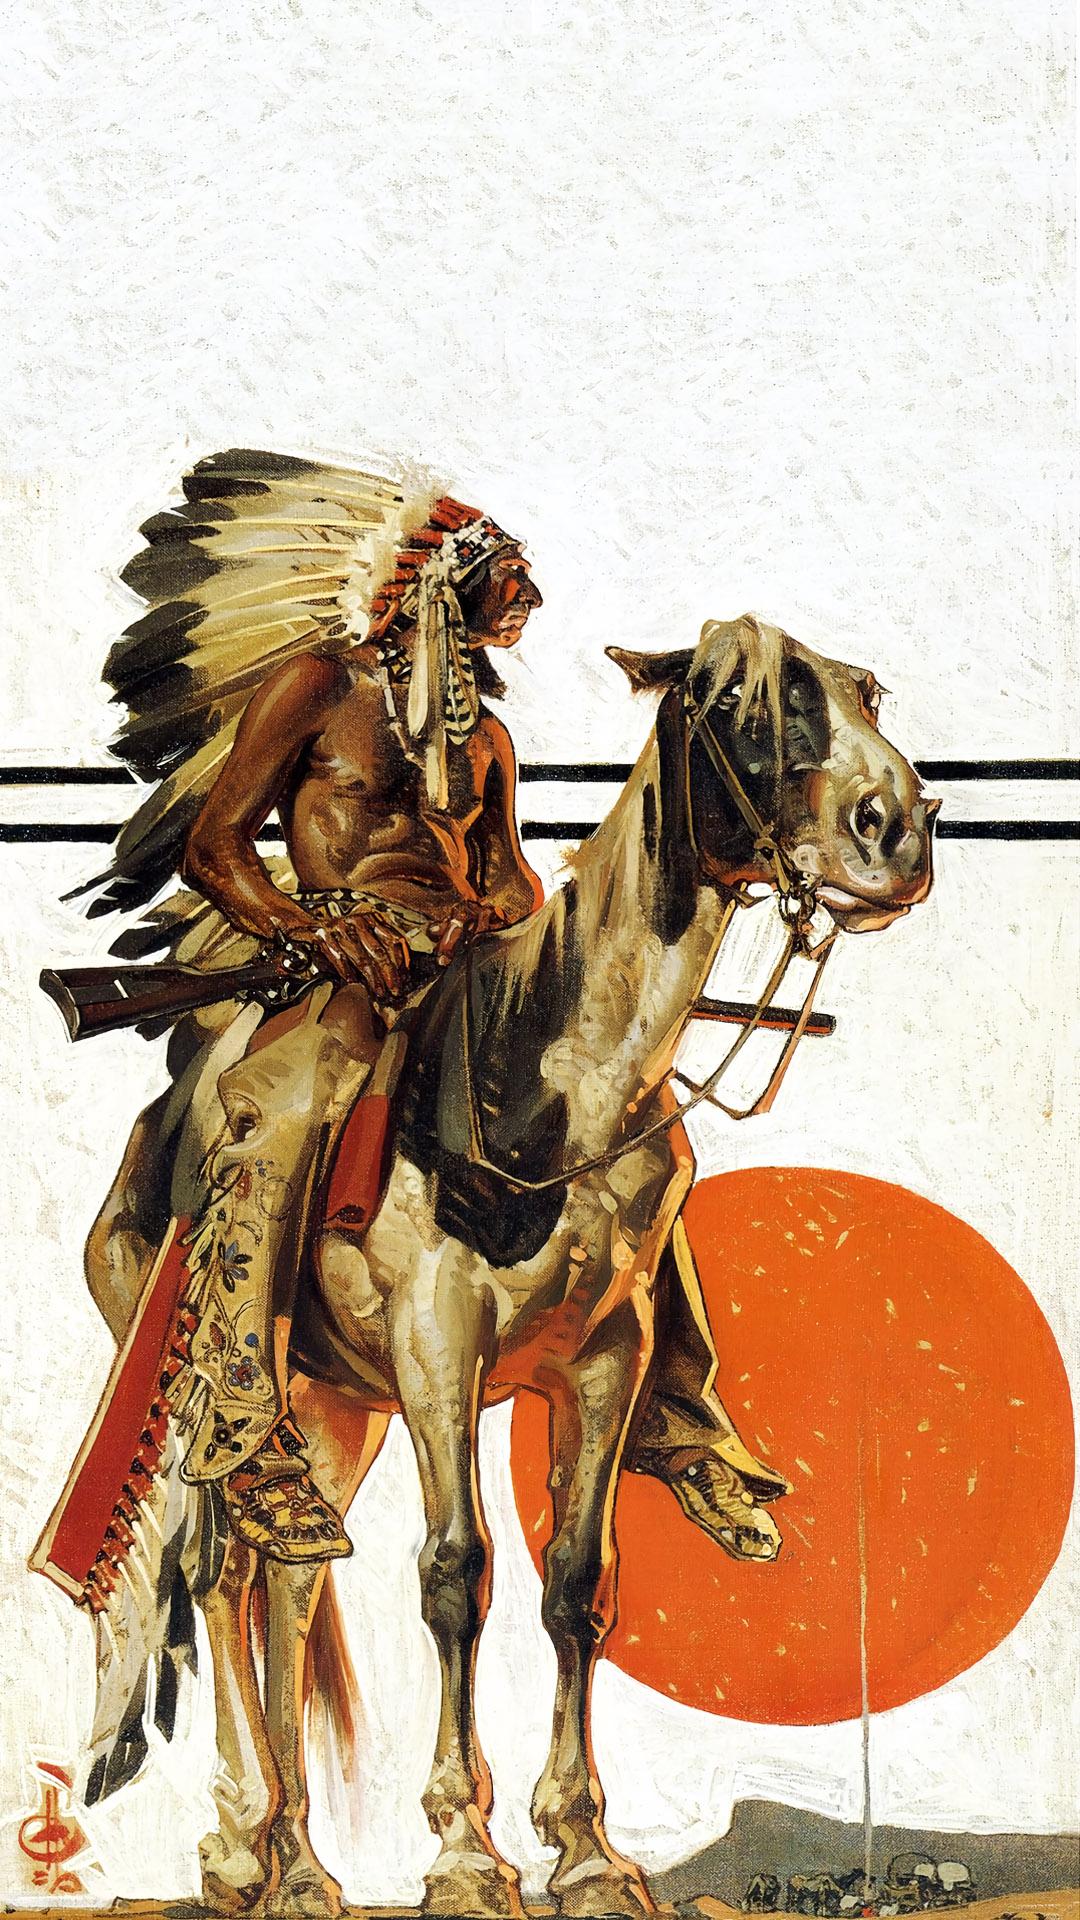 ライエンデッカー Joseph Christian Leyendecker - Indian Sunset 1080x1920